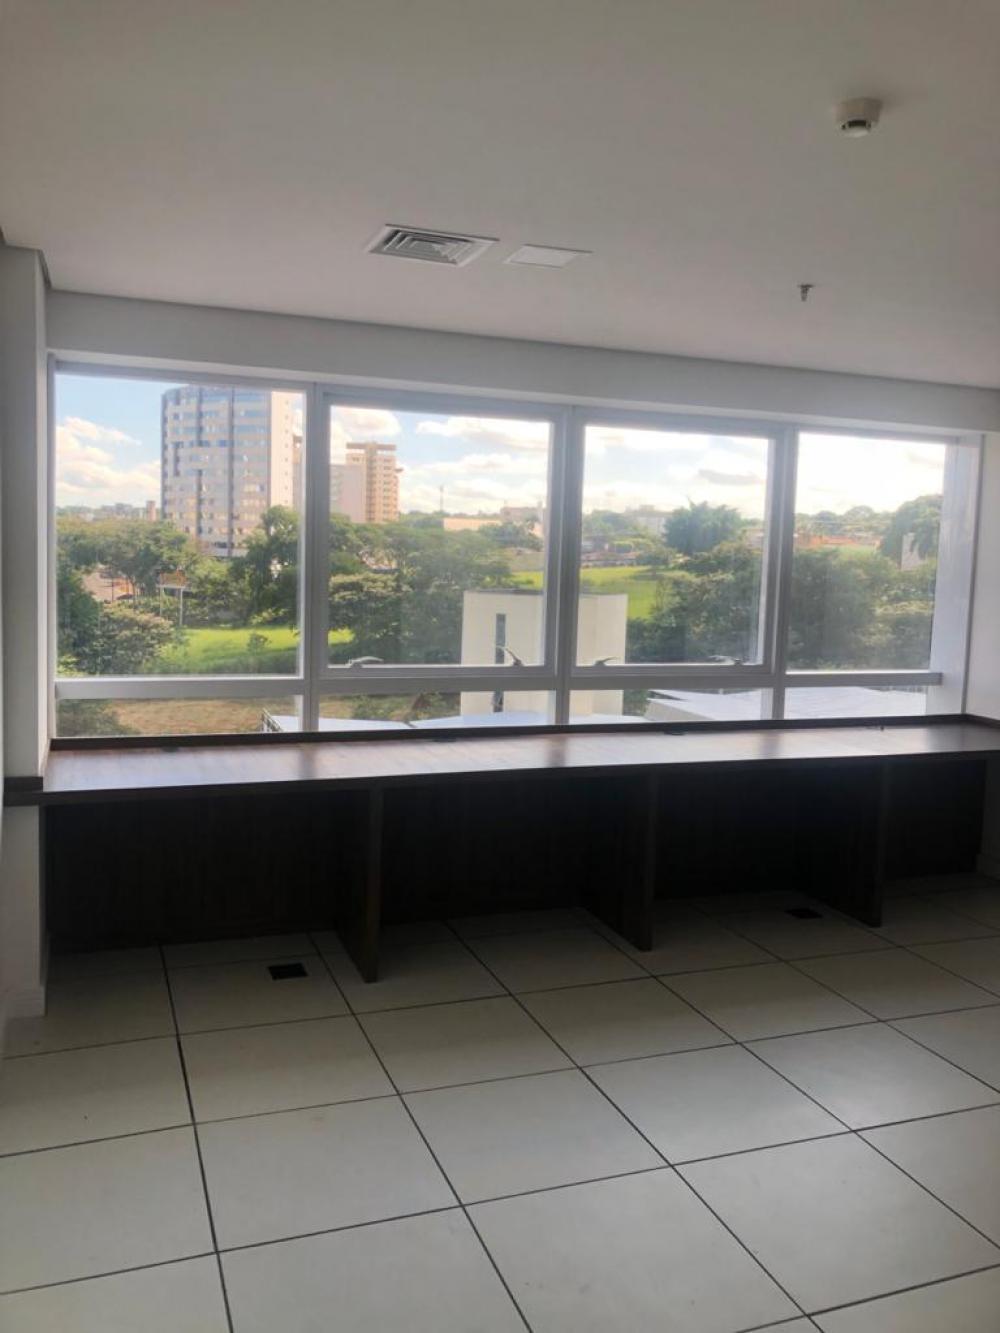 Alugar Comercial / Sala em SAO JOSE DO RIO PRETO apenas R$ 1.700,00 - Foto 2